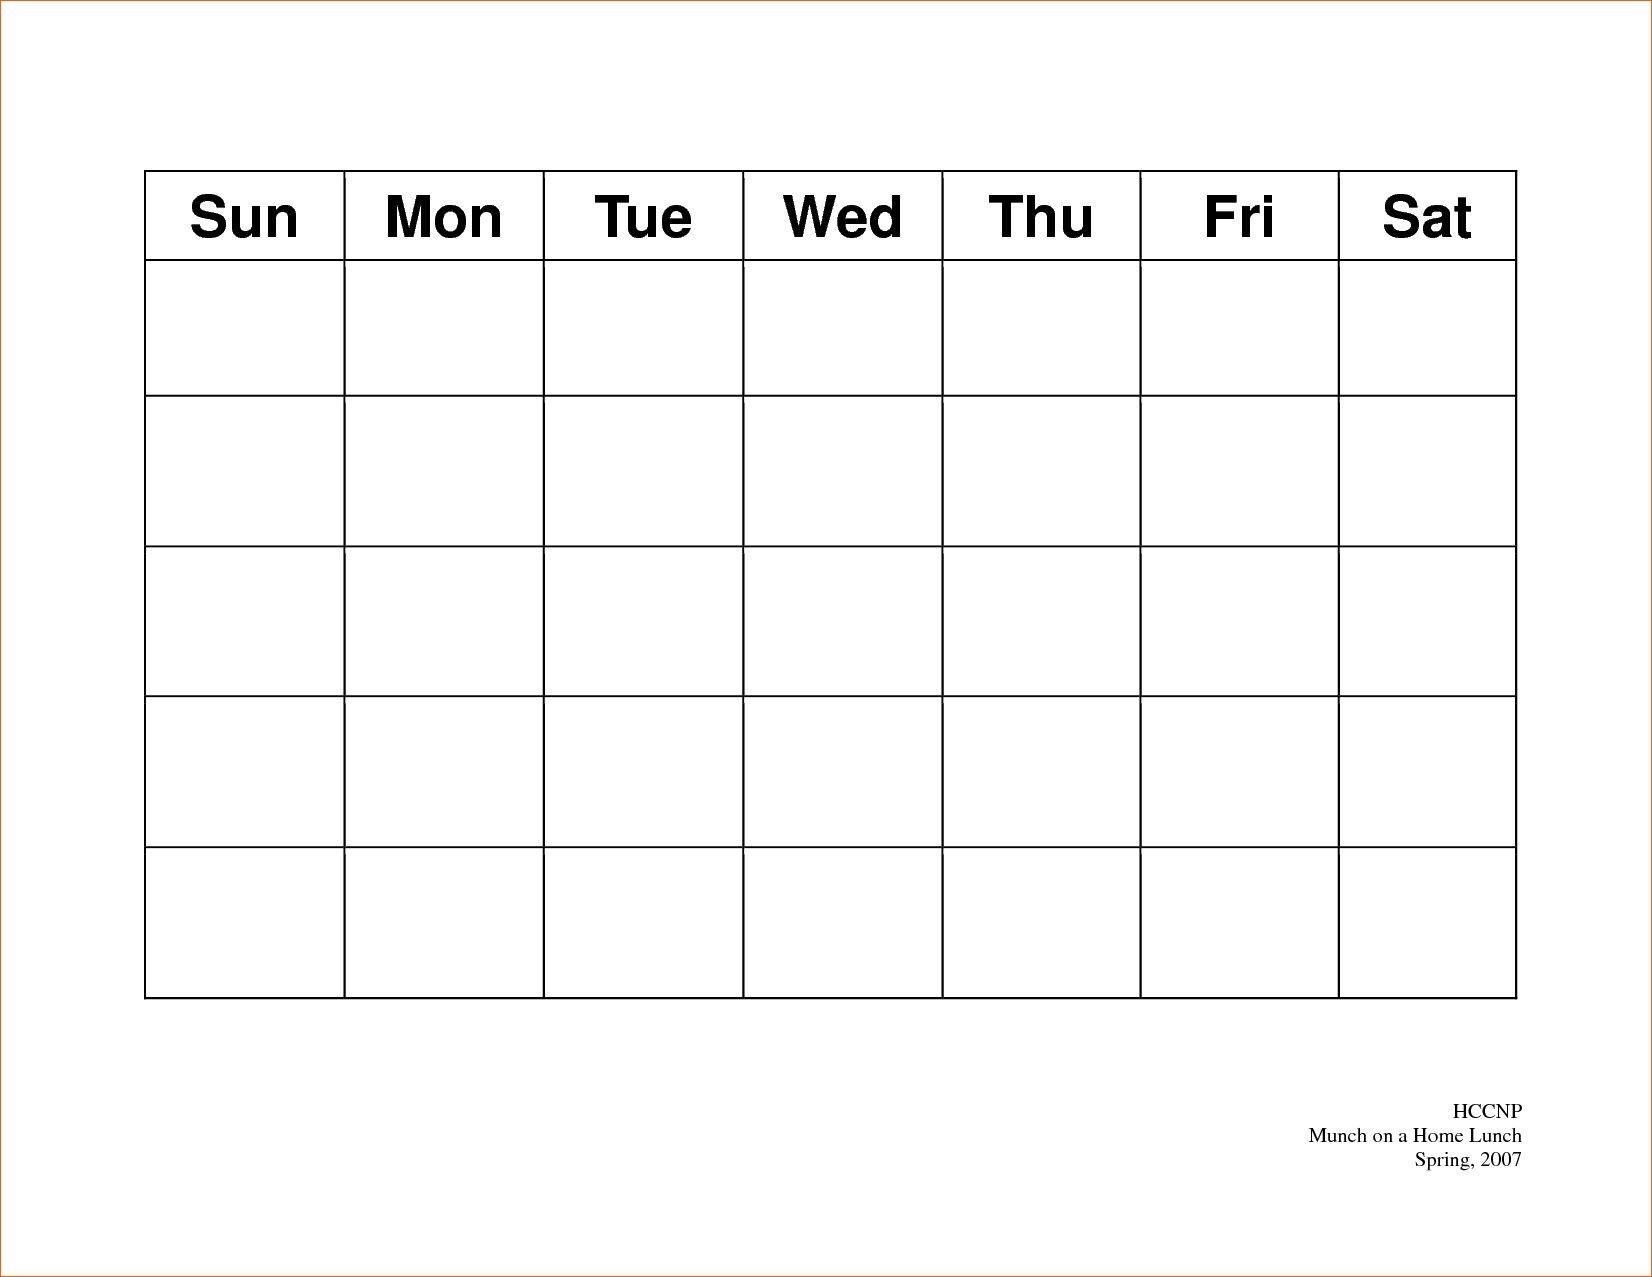 5 Day Week Calendar Templates | Calendar Template Printable intended for 5 Day Week Calendar Template